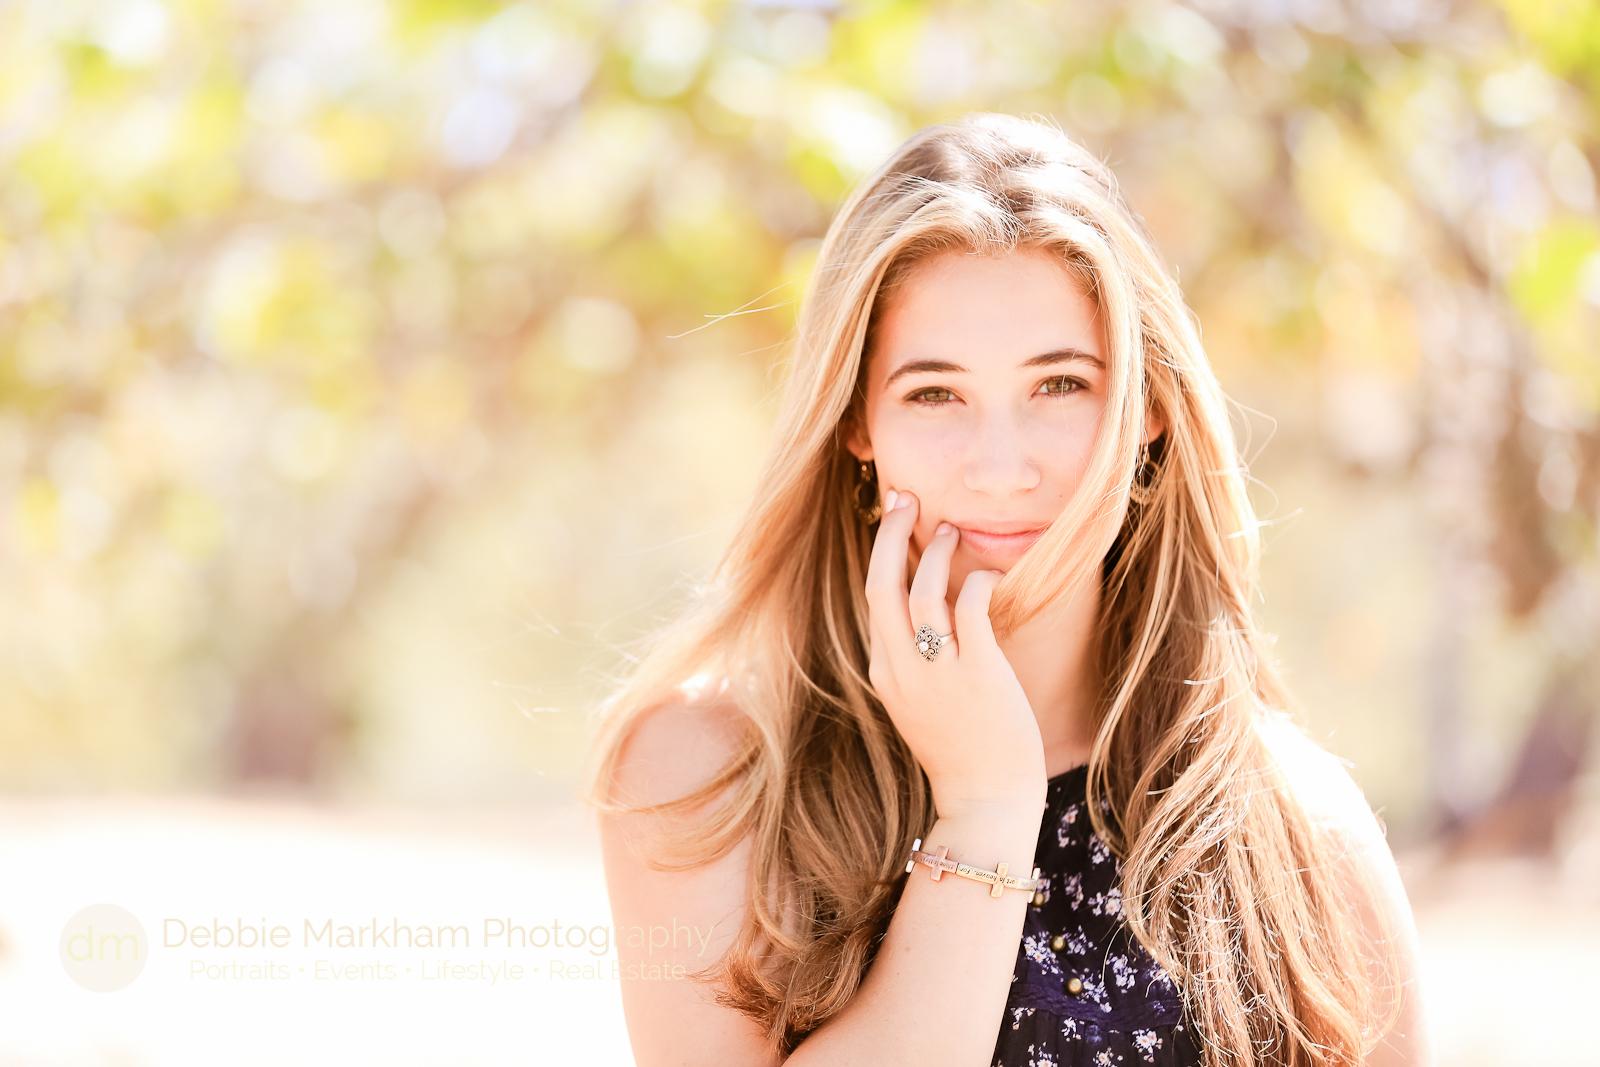 Photographer_Debbie Markham_Senior Portraits_Central Coast_California_Outdoor